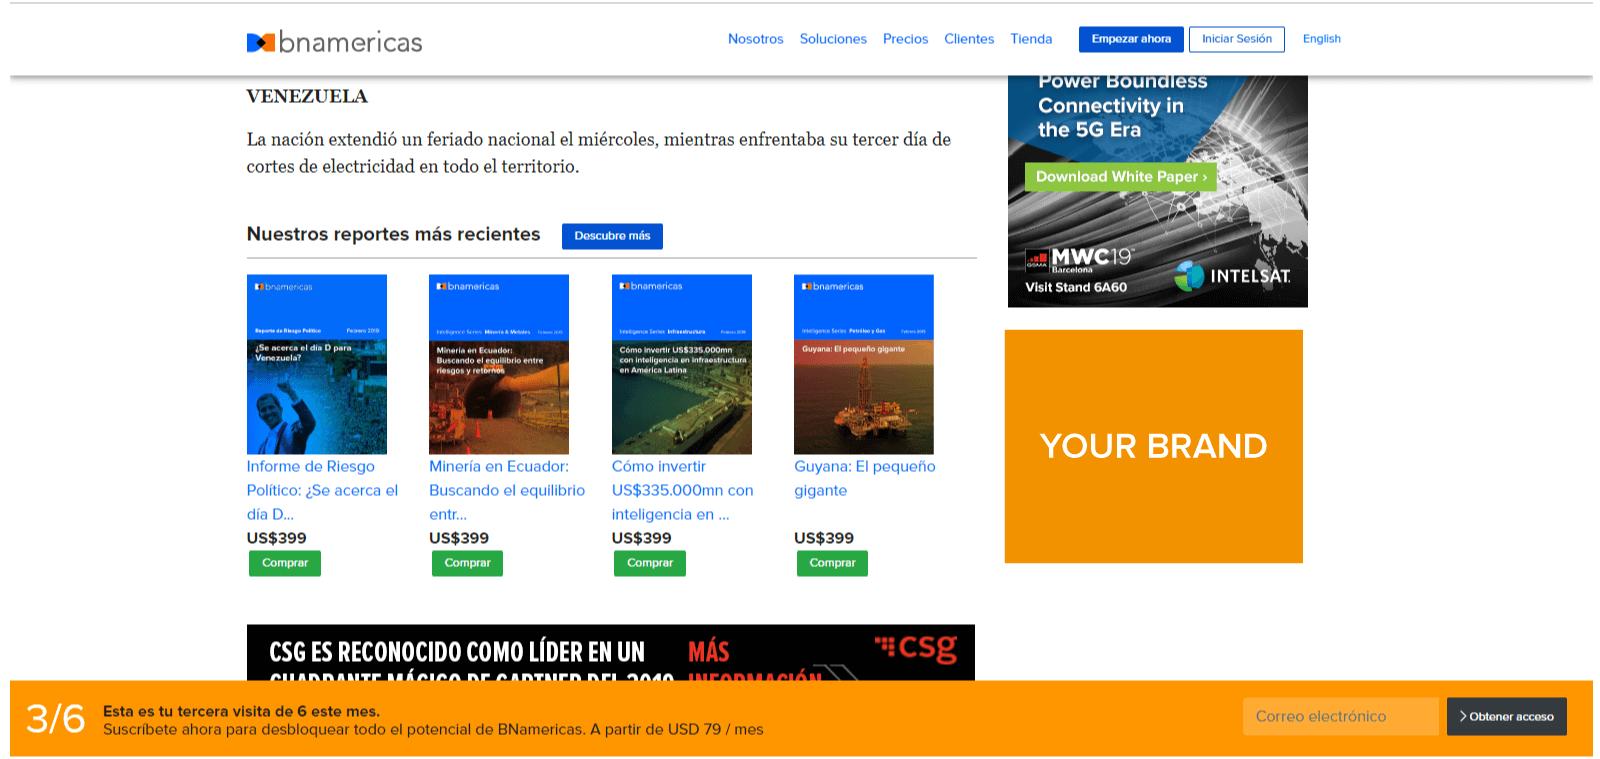 Bnamericas advertising